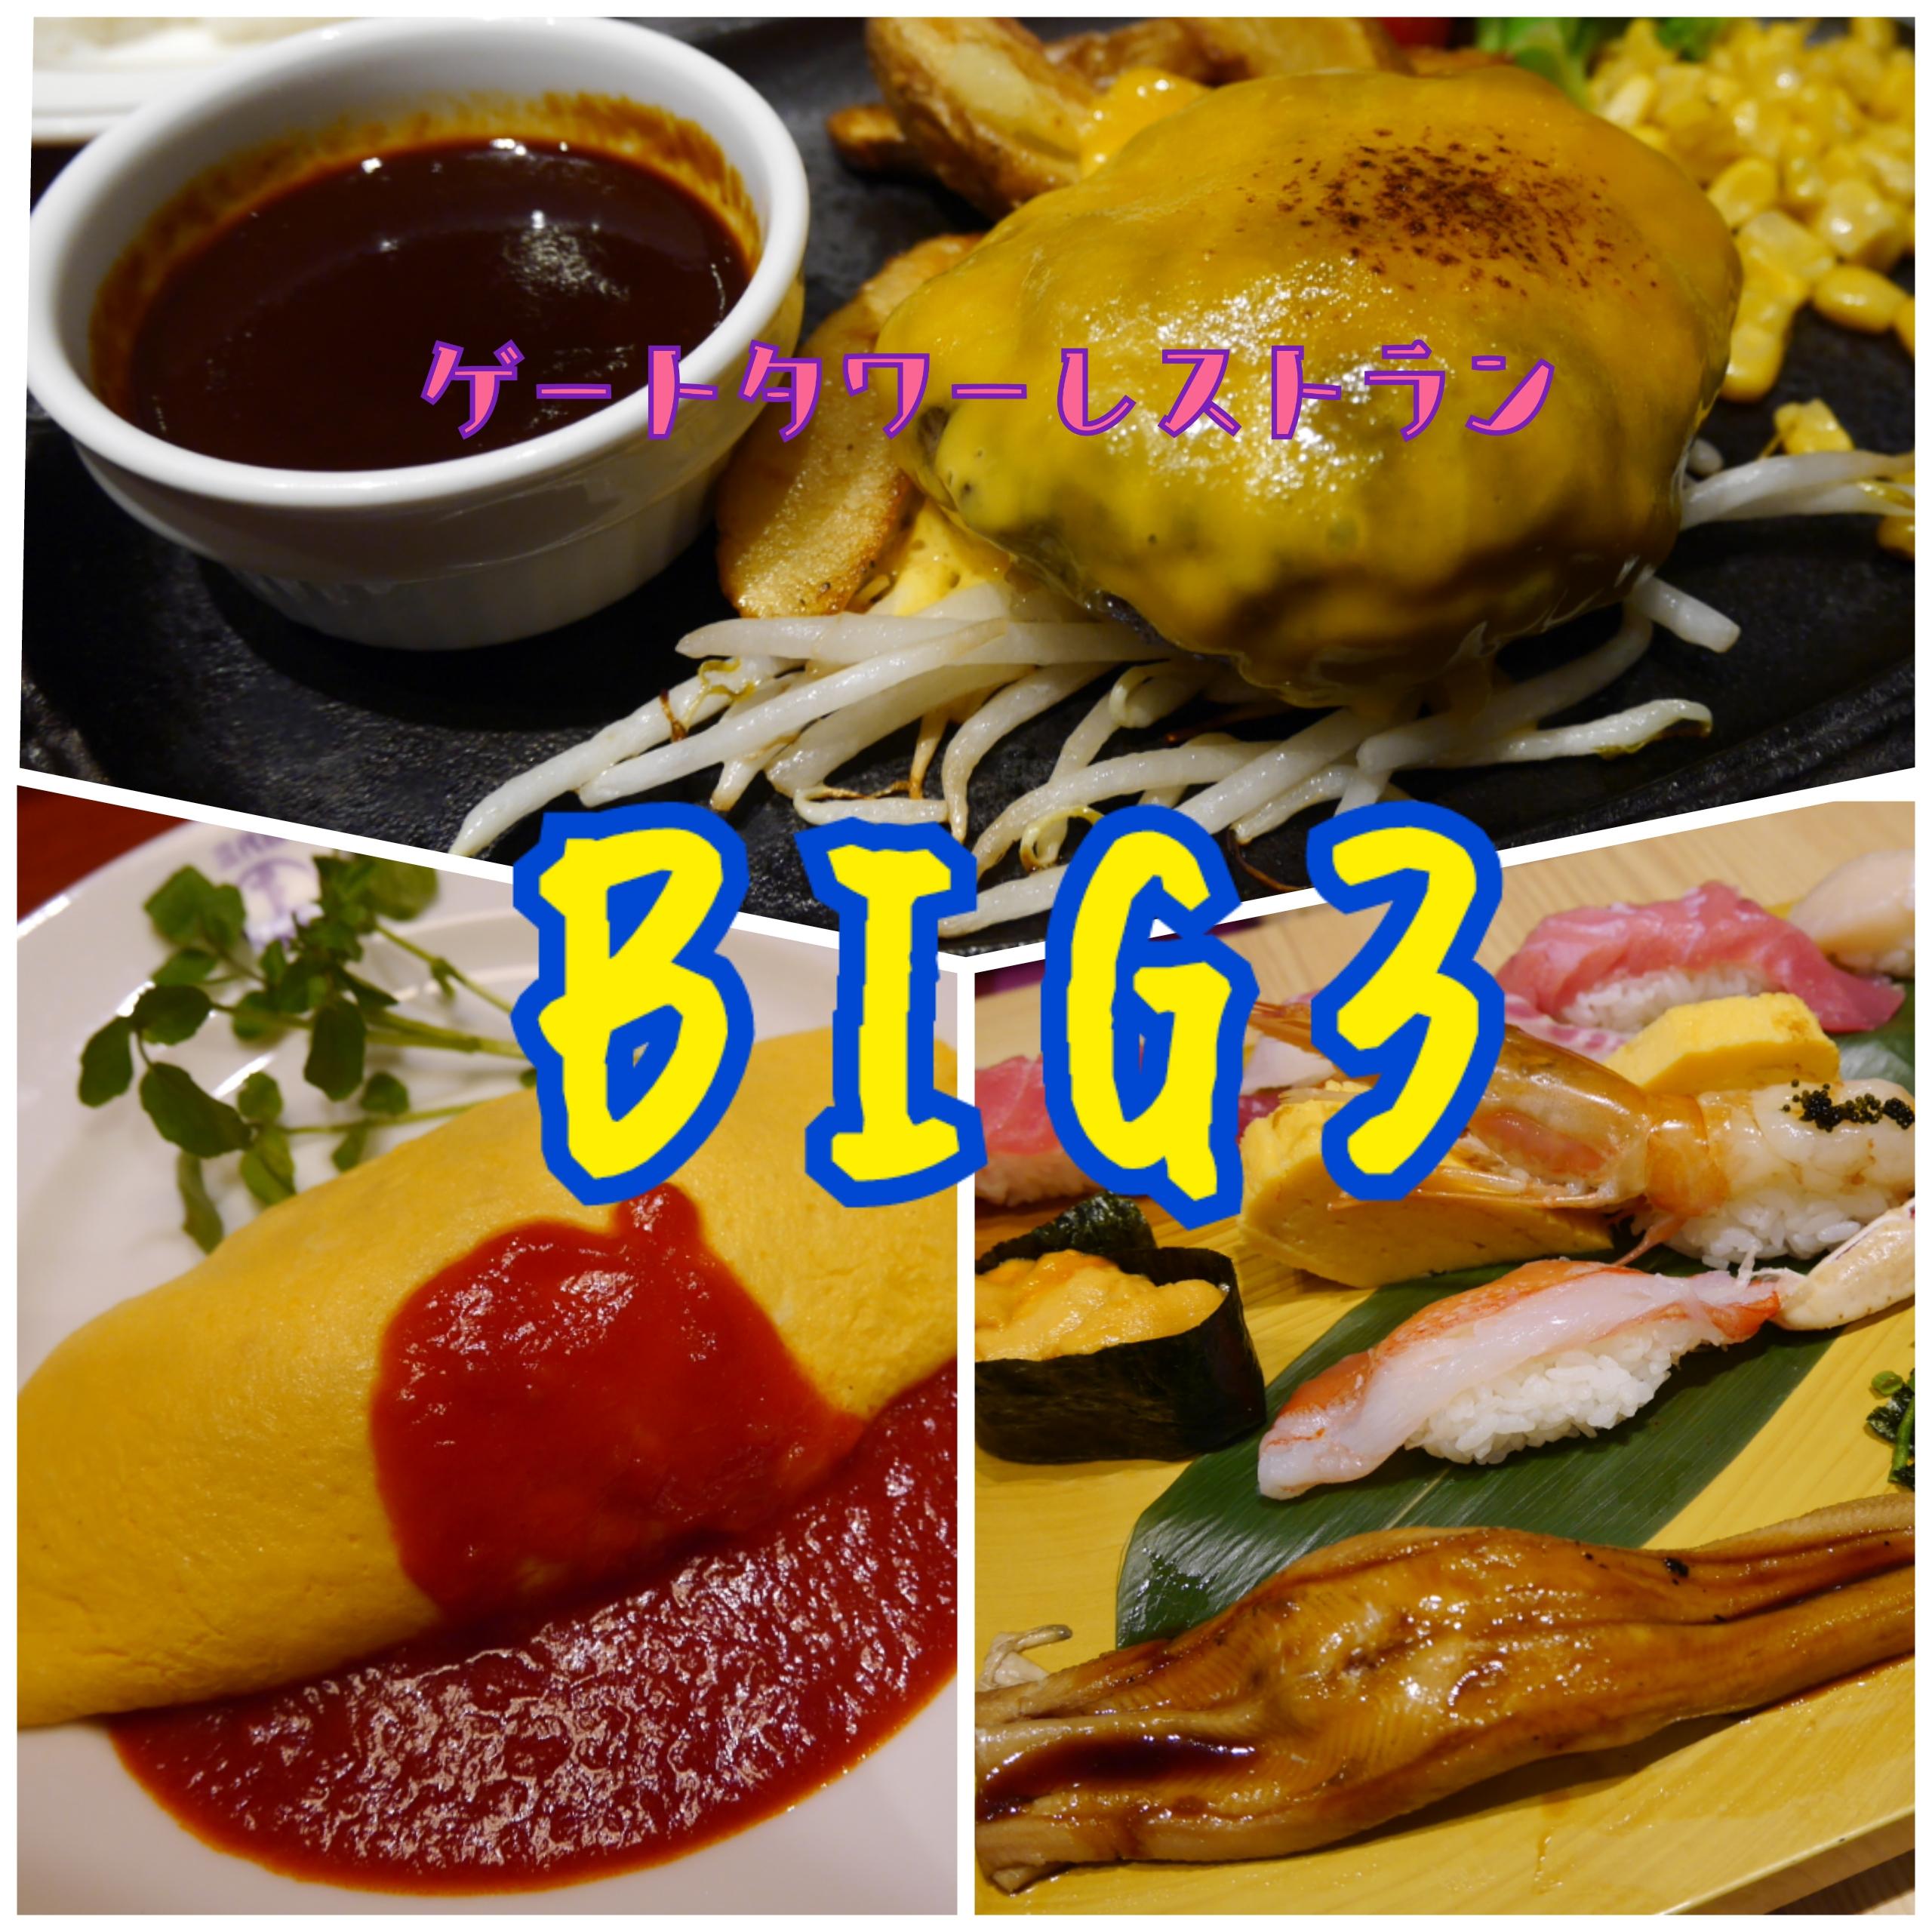 【徹底検証】ゲートタワーの3大人気レストランの待ち時間を比較【ミート矢澤・寿司の美登利・たいめいけん】